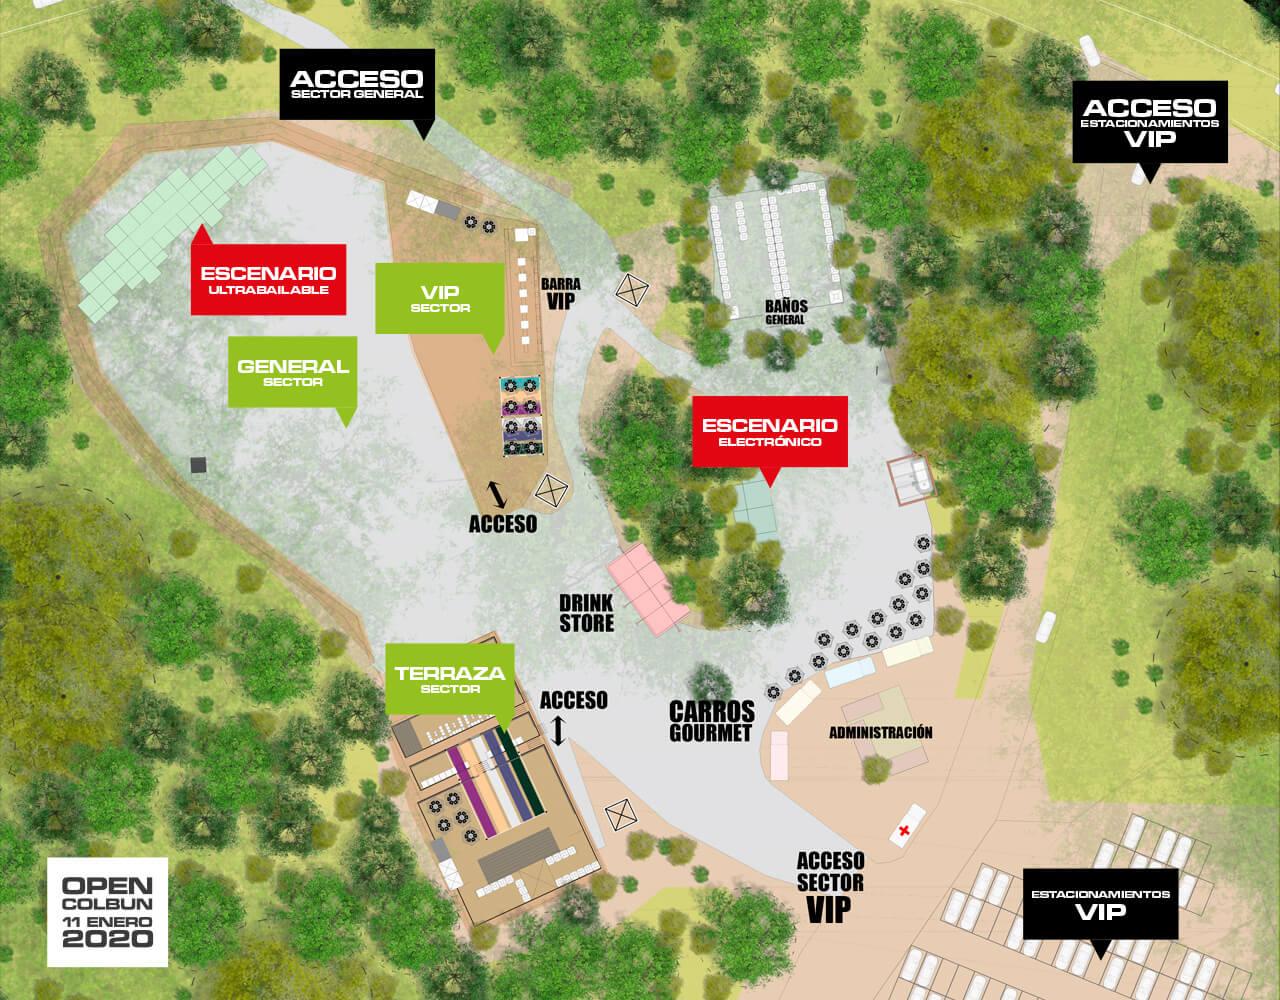 Plano de los sectores de Open Colbun 2020 | Imagen referencial